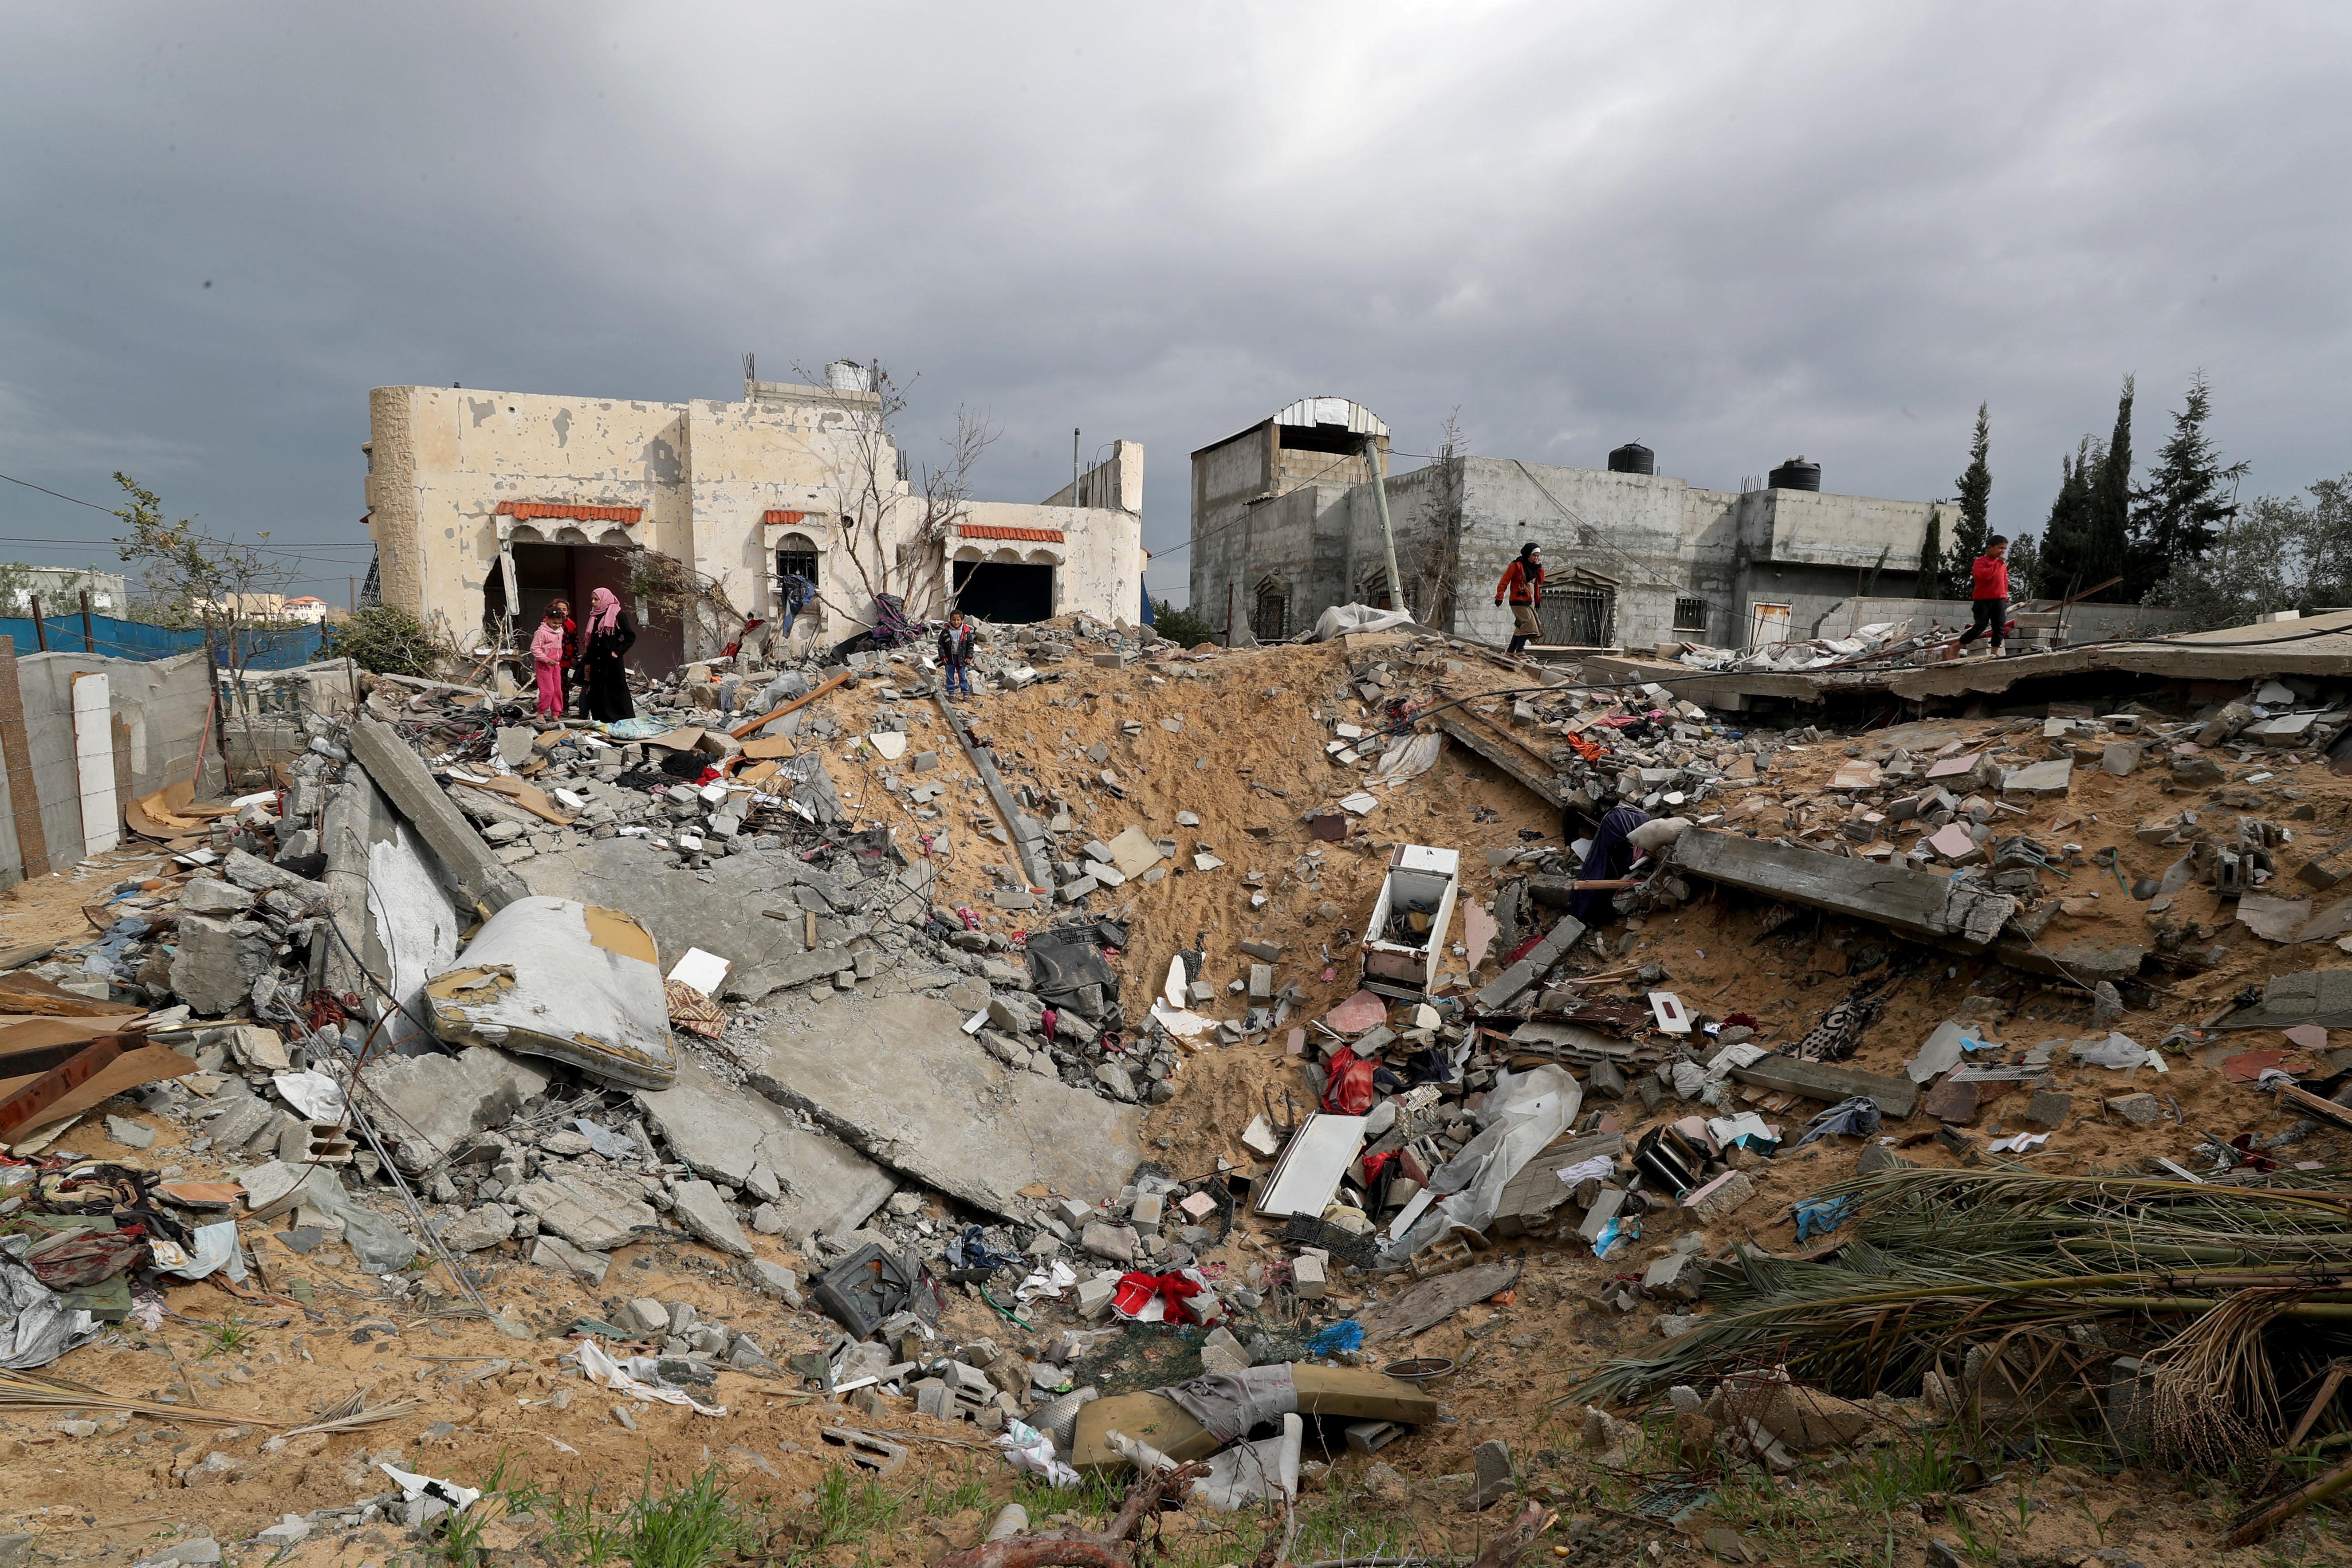 Η Ευρώπη καλεί το Ισραήλ να σταματήσει την επέκταση των εβραϊκών οικισμών